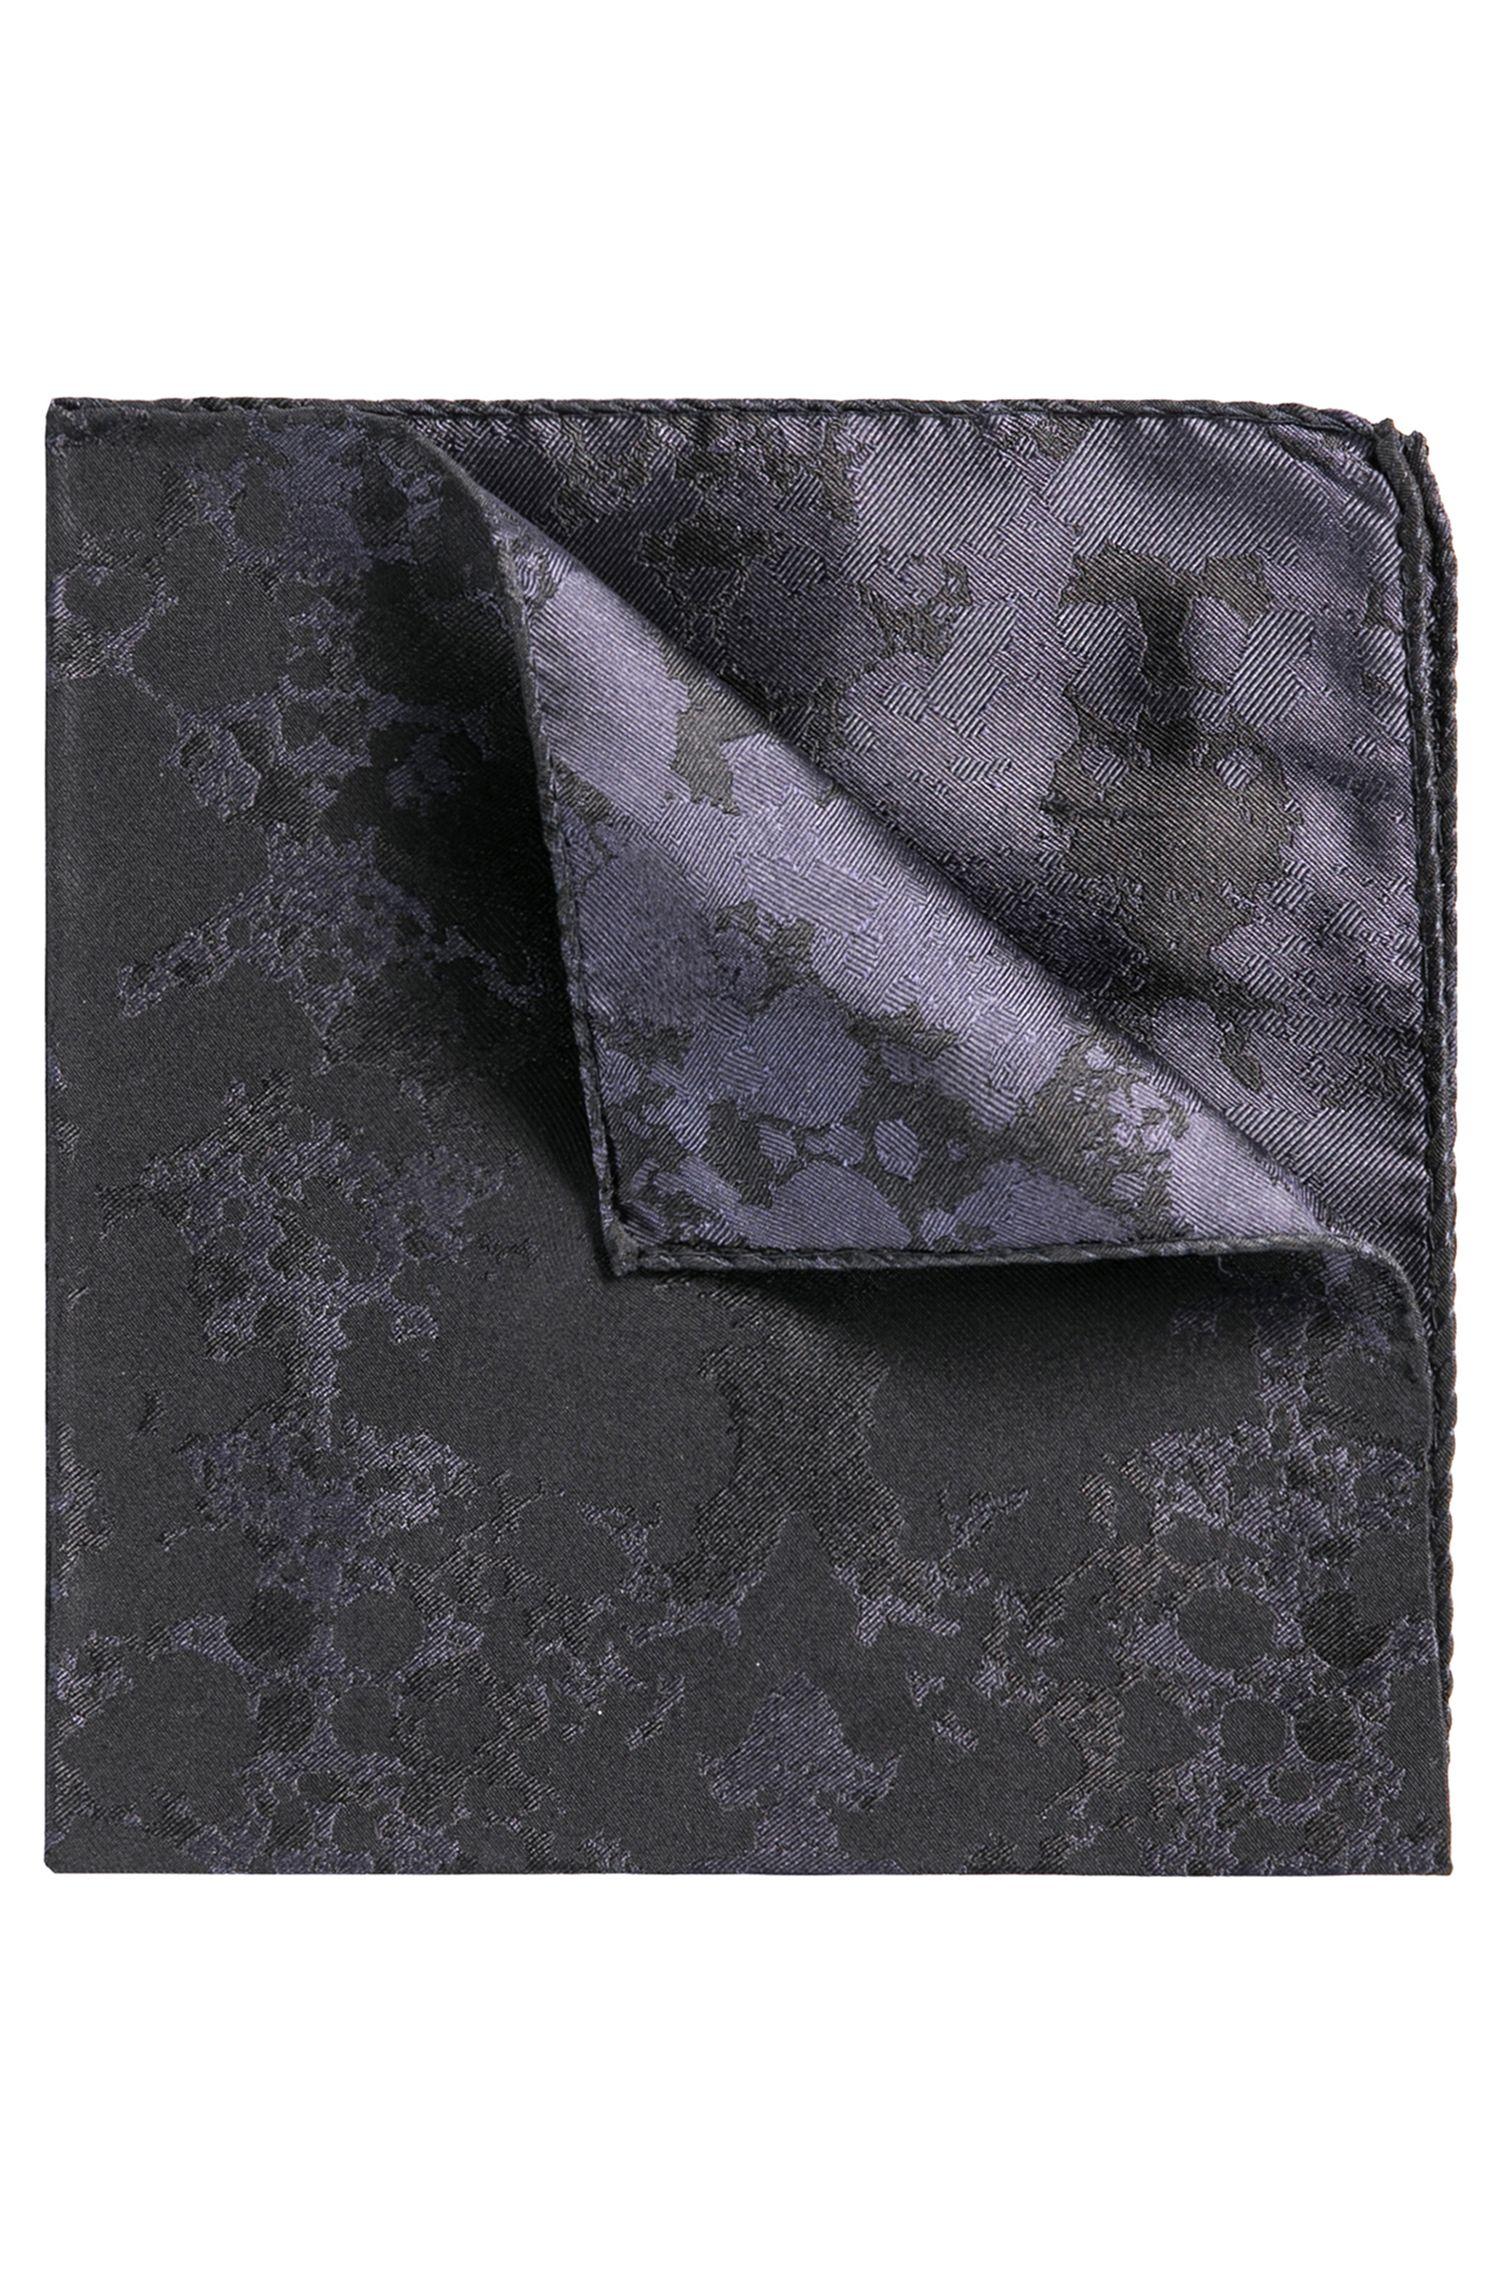 Pochette en jacquard de soie à motif tache d'encre